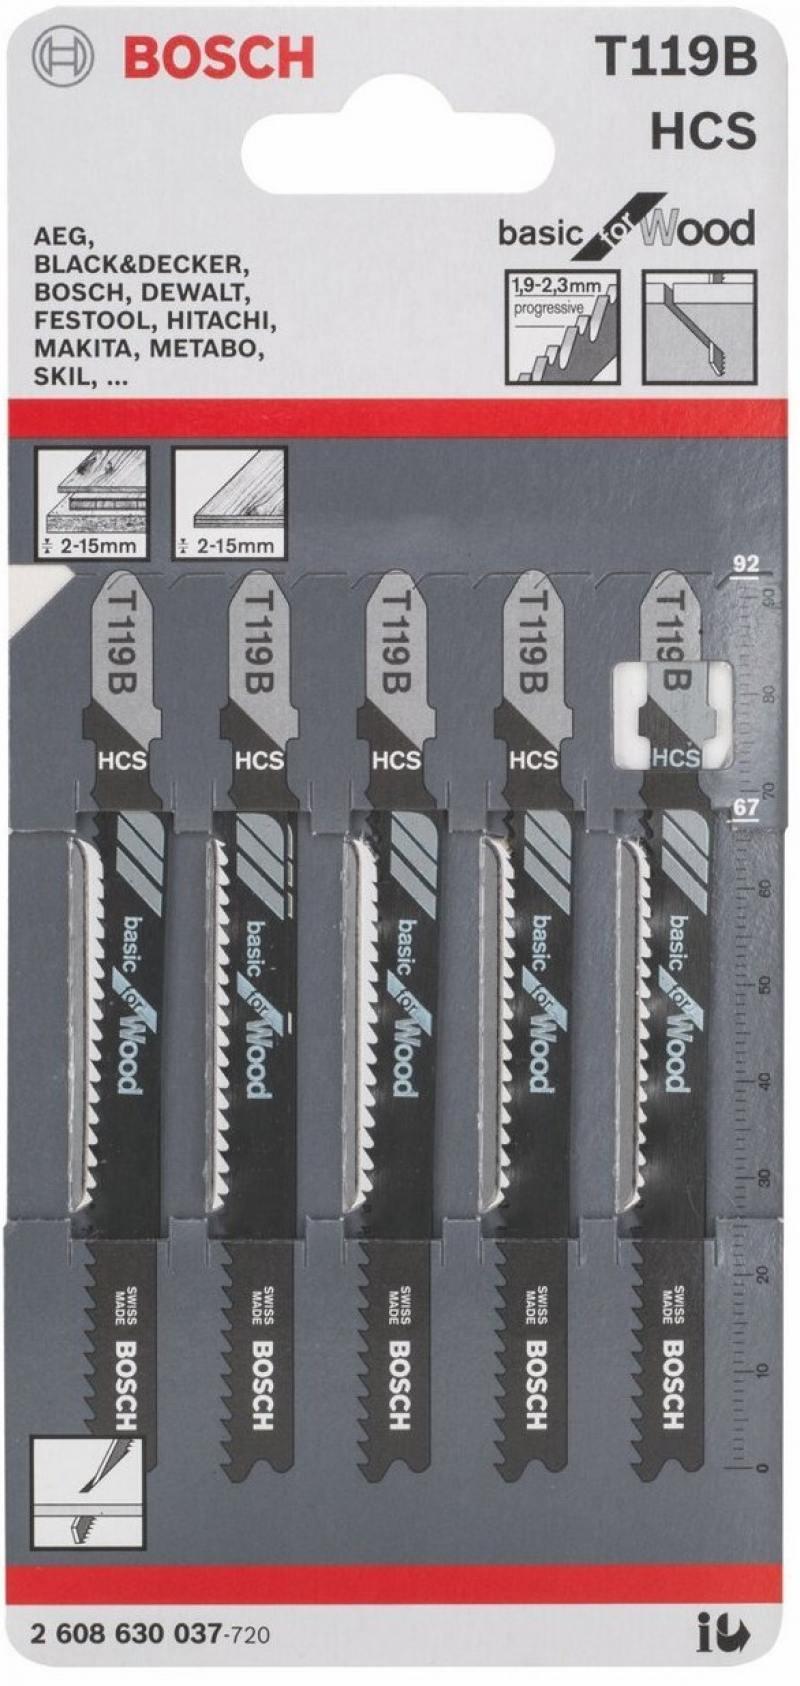 Лобзиковая пилка Bosch T119 B HCS 5 шт 2608630037 пилки для лобзика bosch t119 b hss 5 шт 2 608 630 037